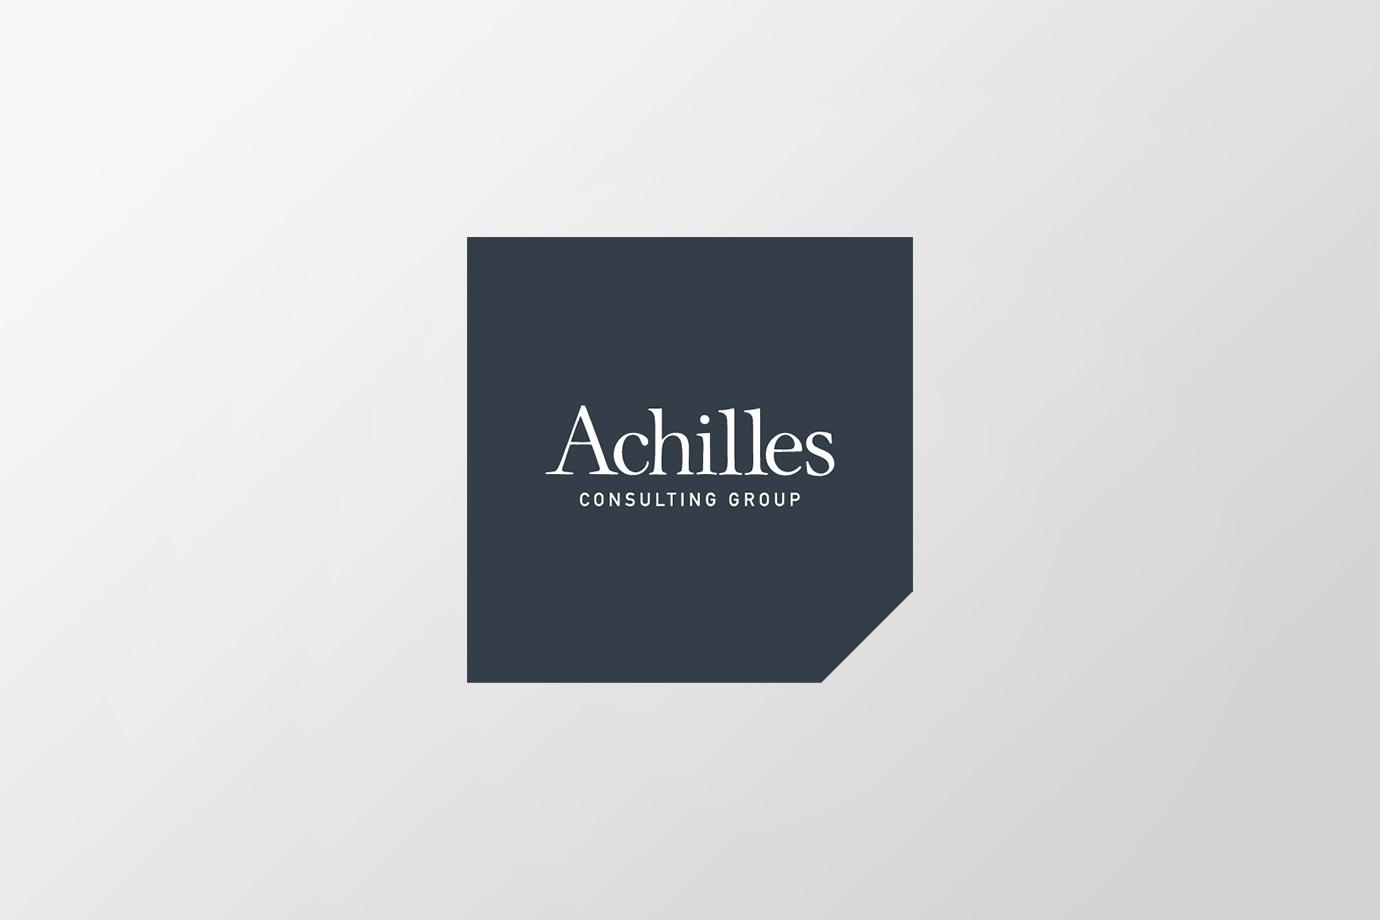 Achilles_Logo_Mockup.jpg